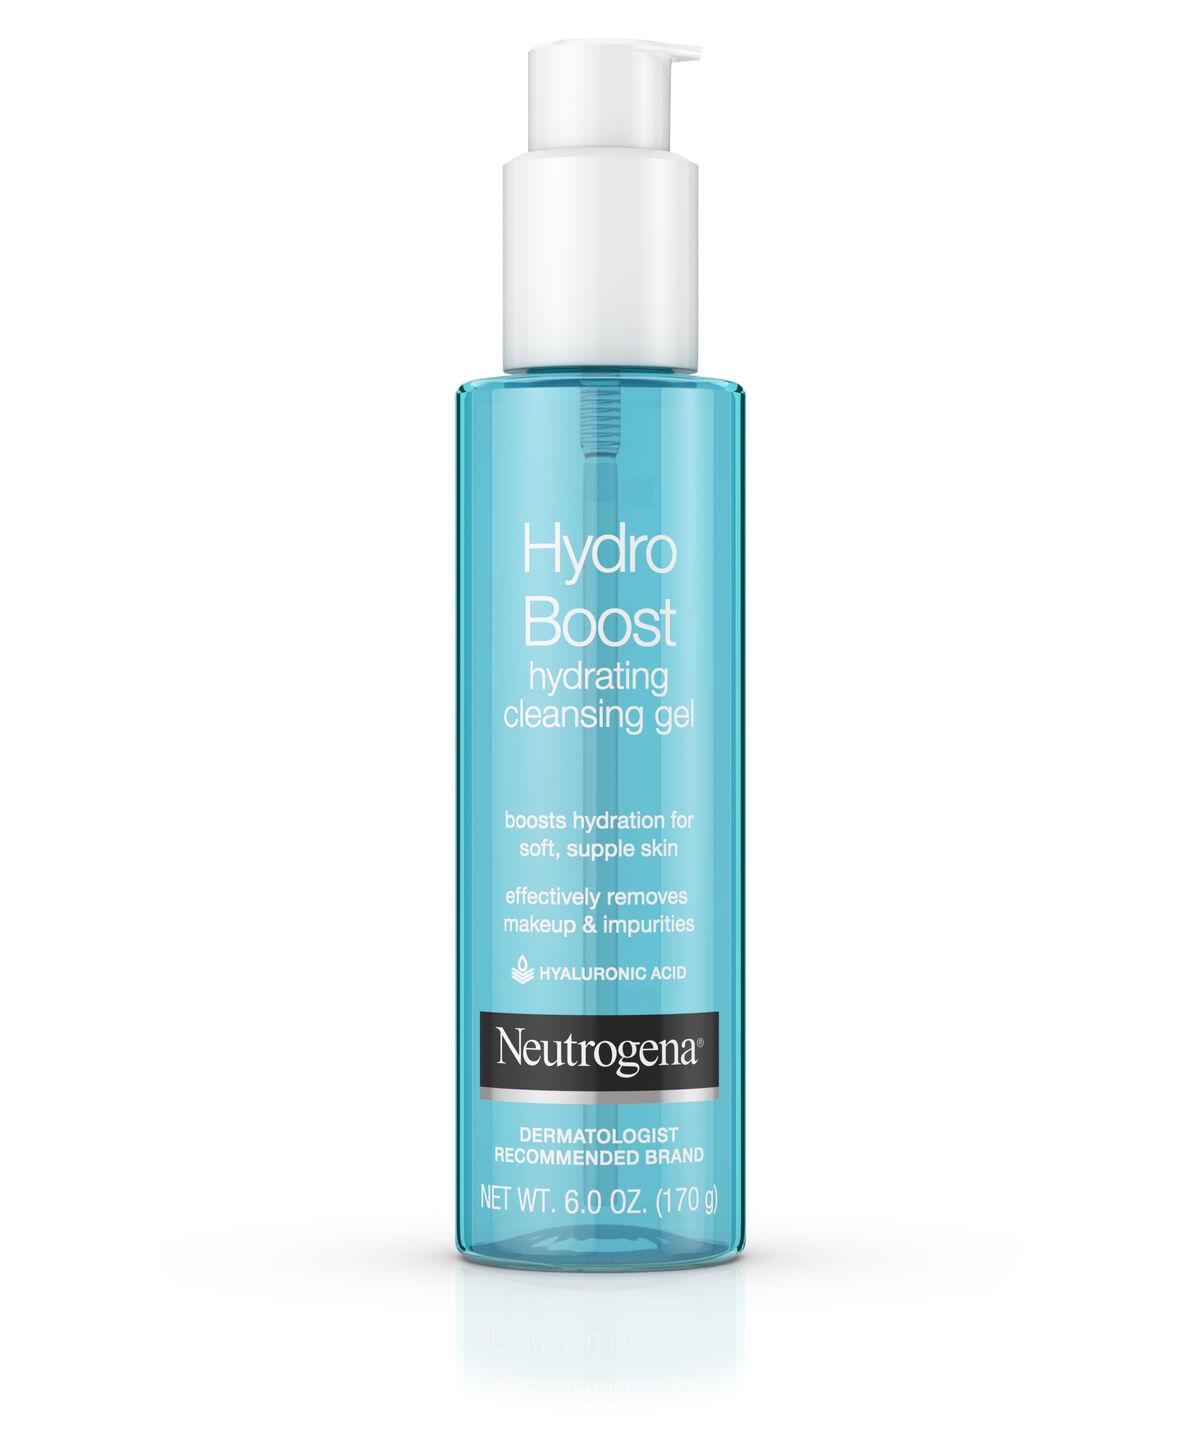 Hydro Boost Hydrating Cleansing Gel Neutrogena 174